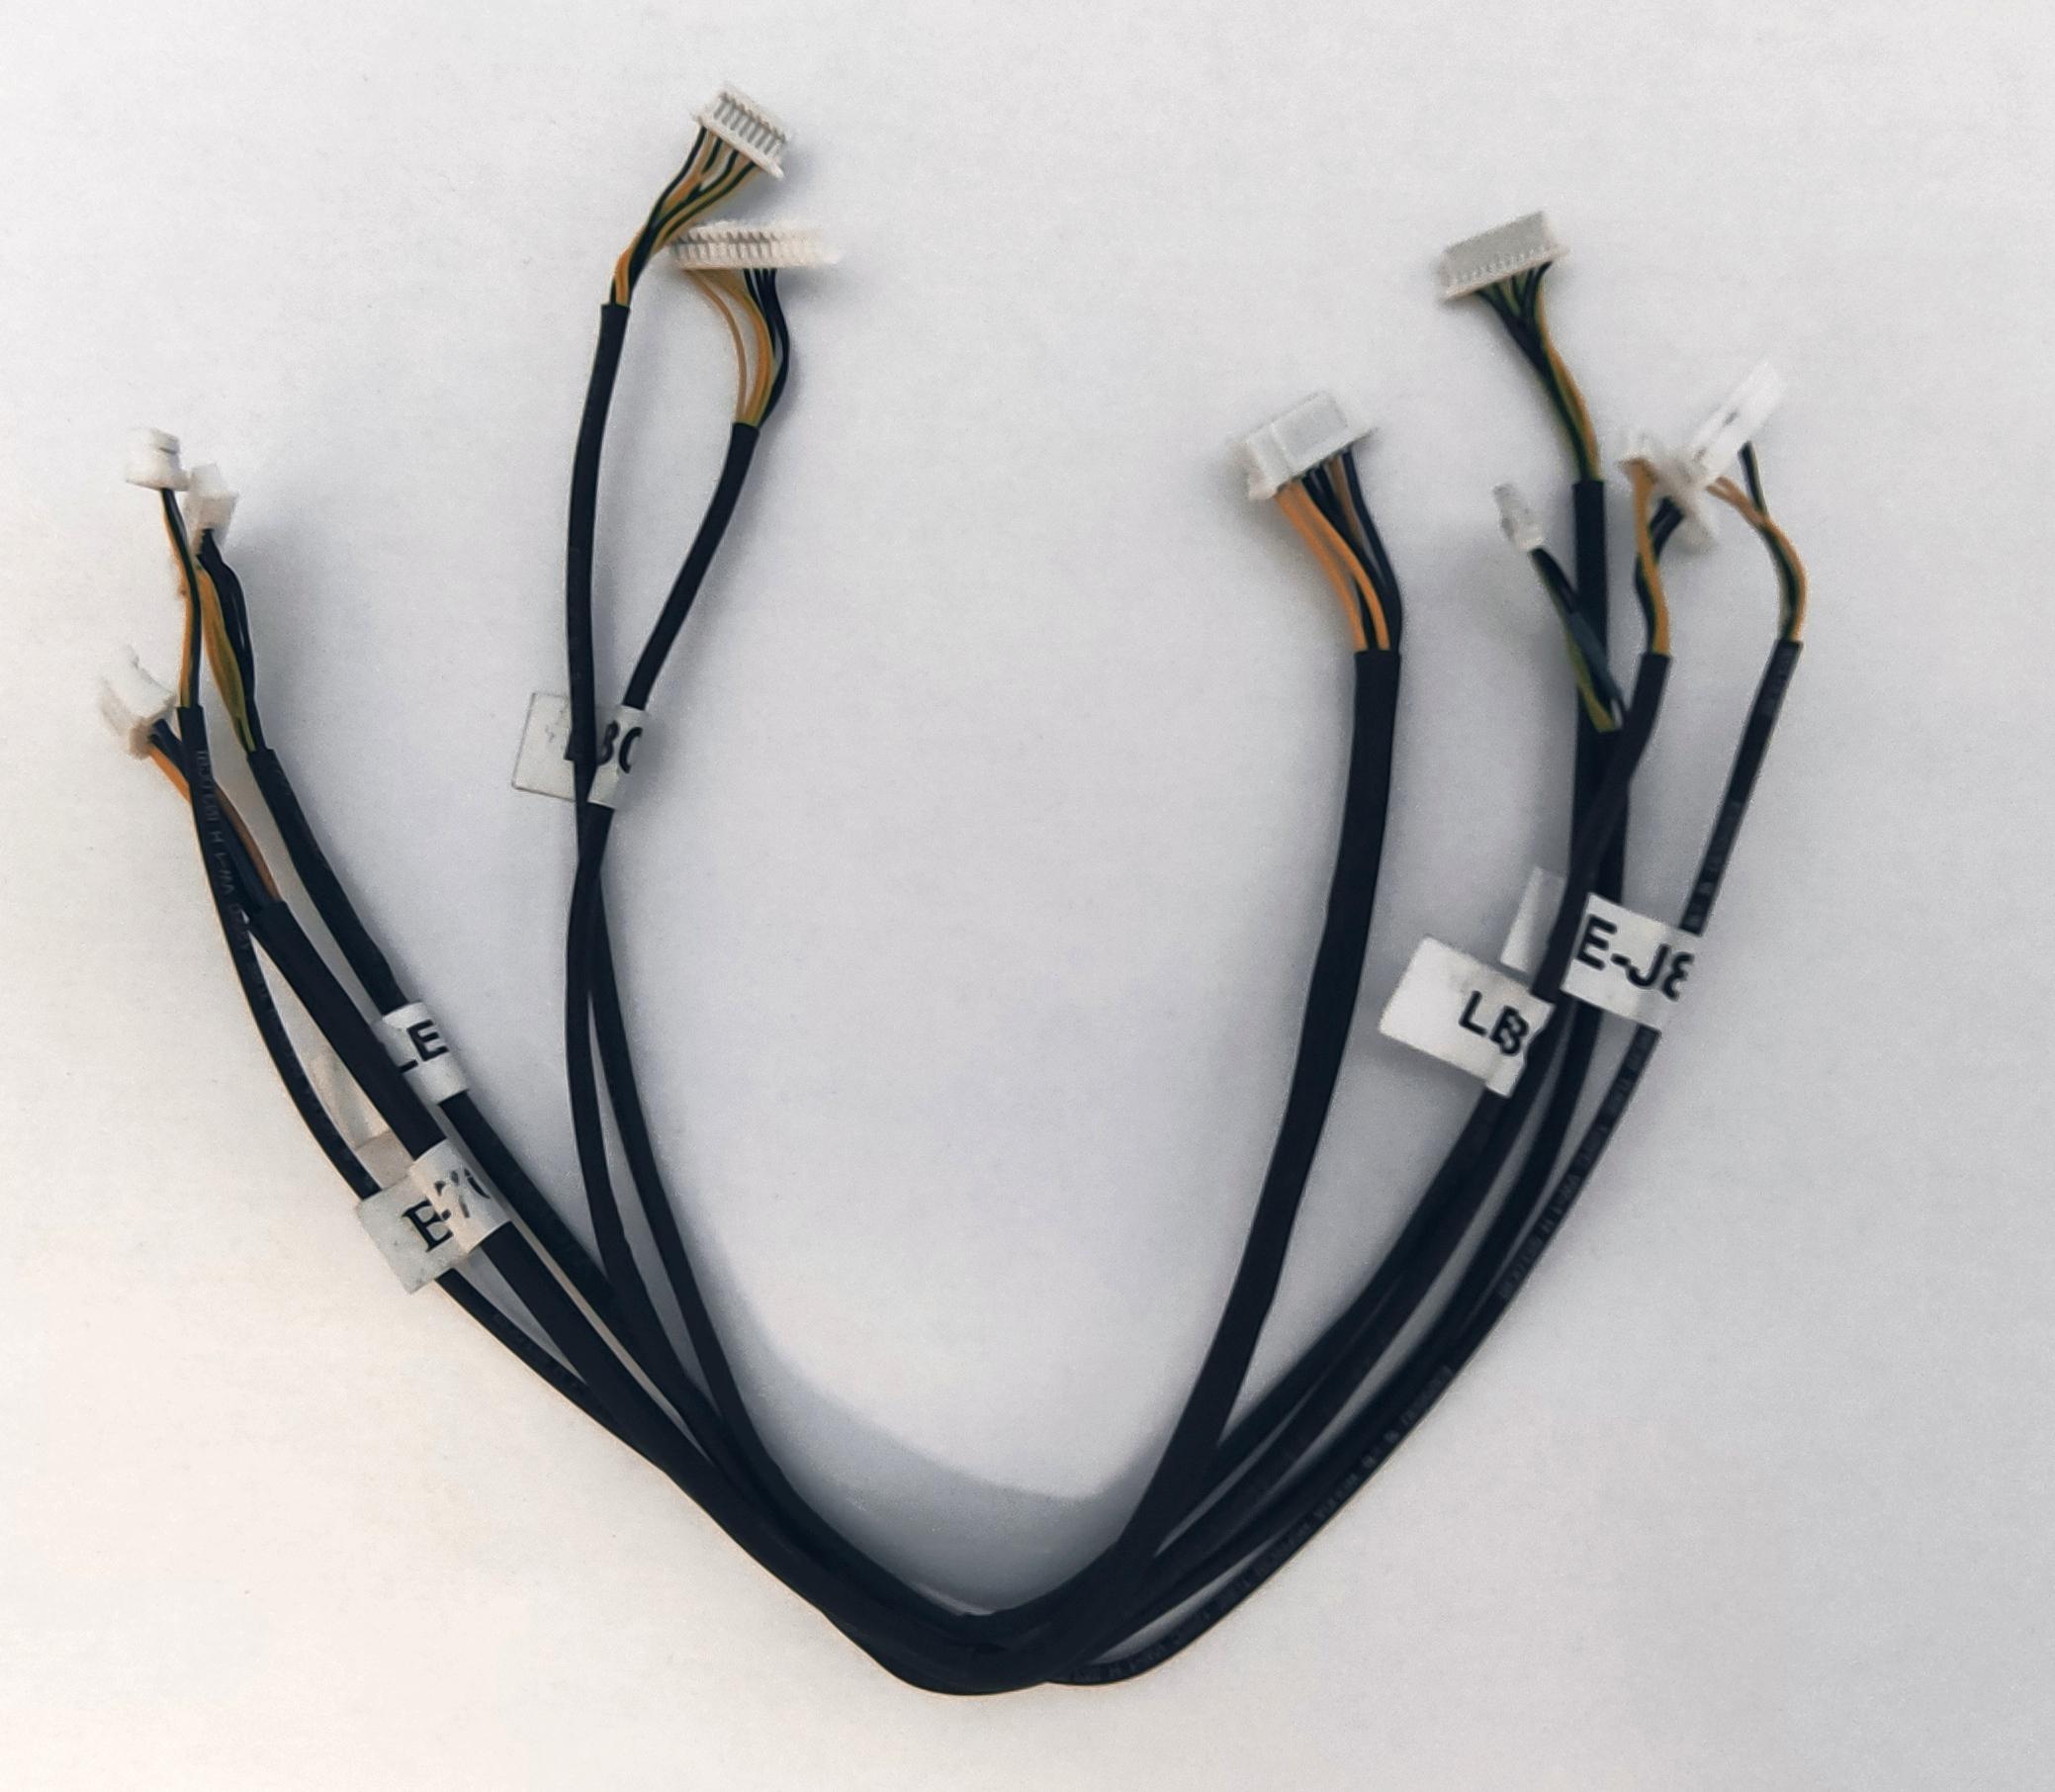 Кабель питания инвертора SpectrahDynamics BT-CABLE-70561